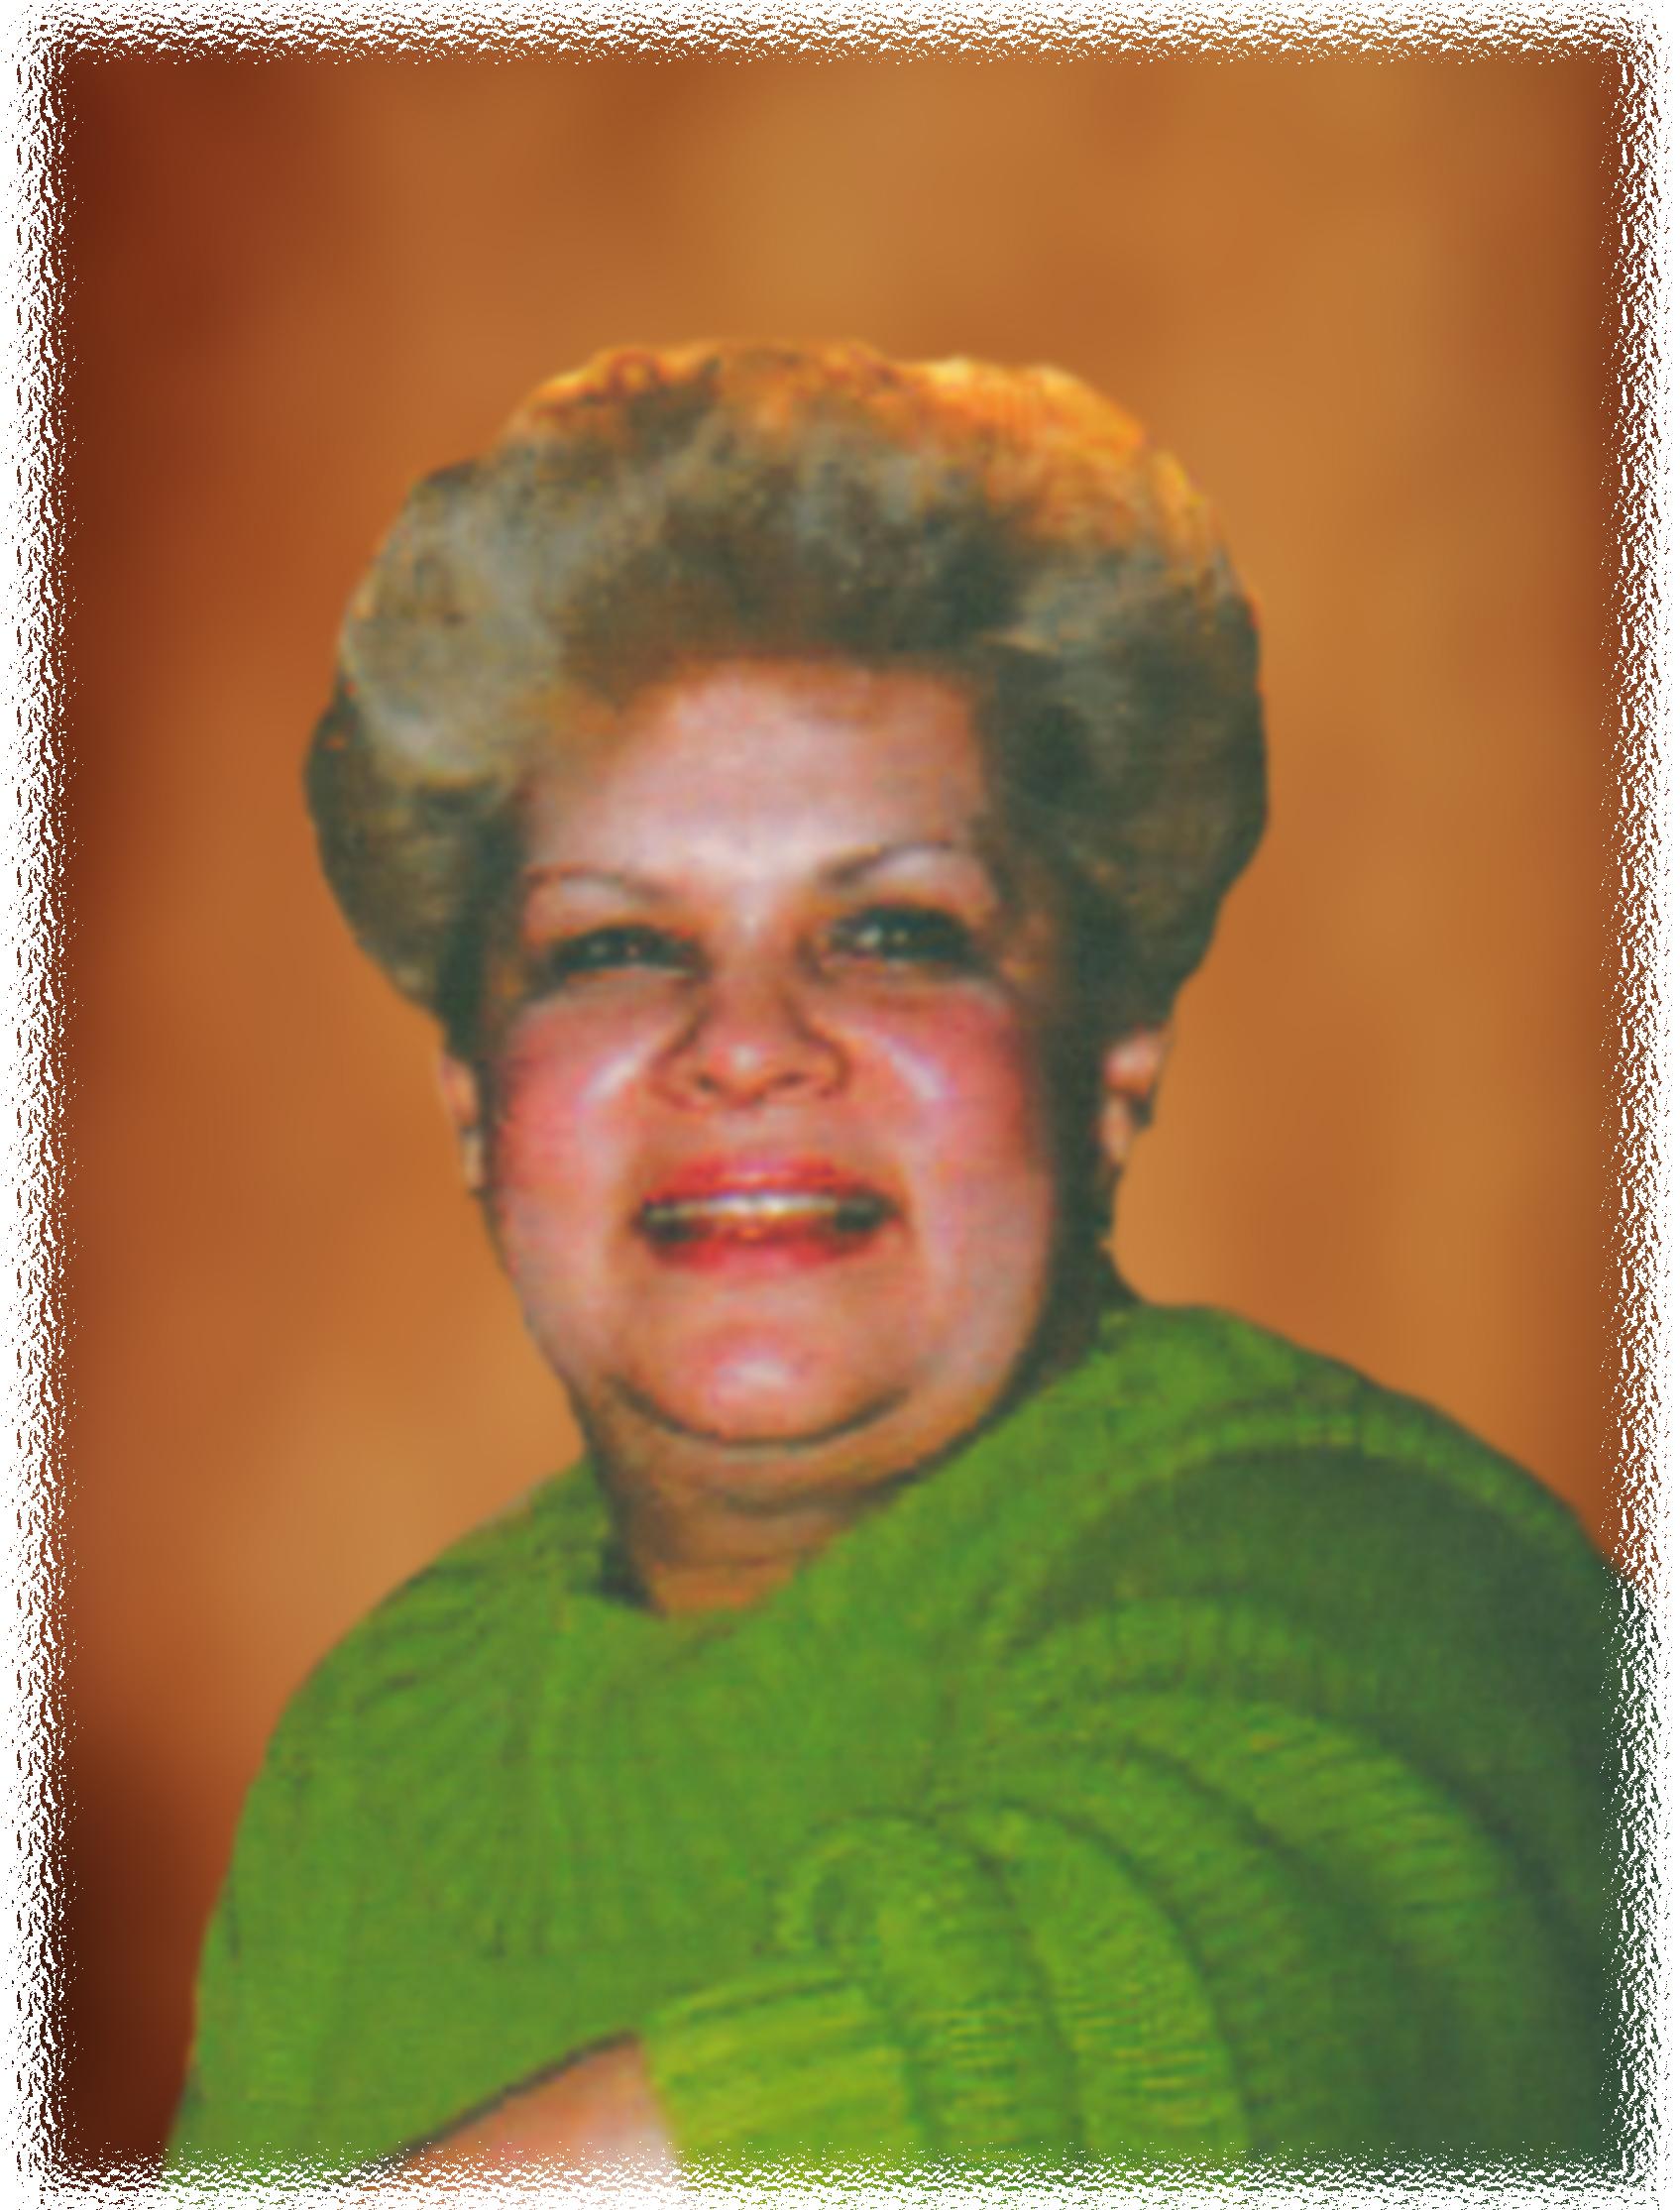 Obituary: LUZ A. RODRIGUEZ